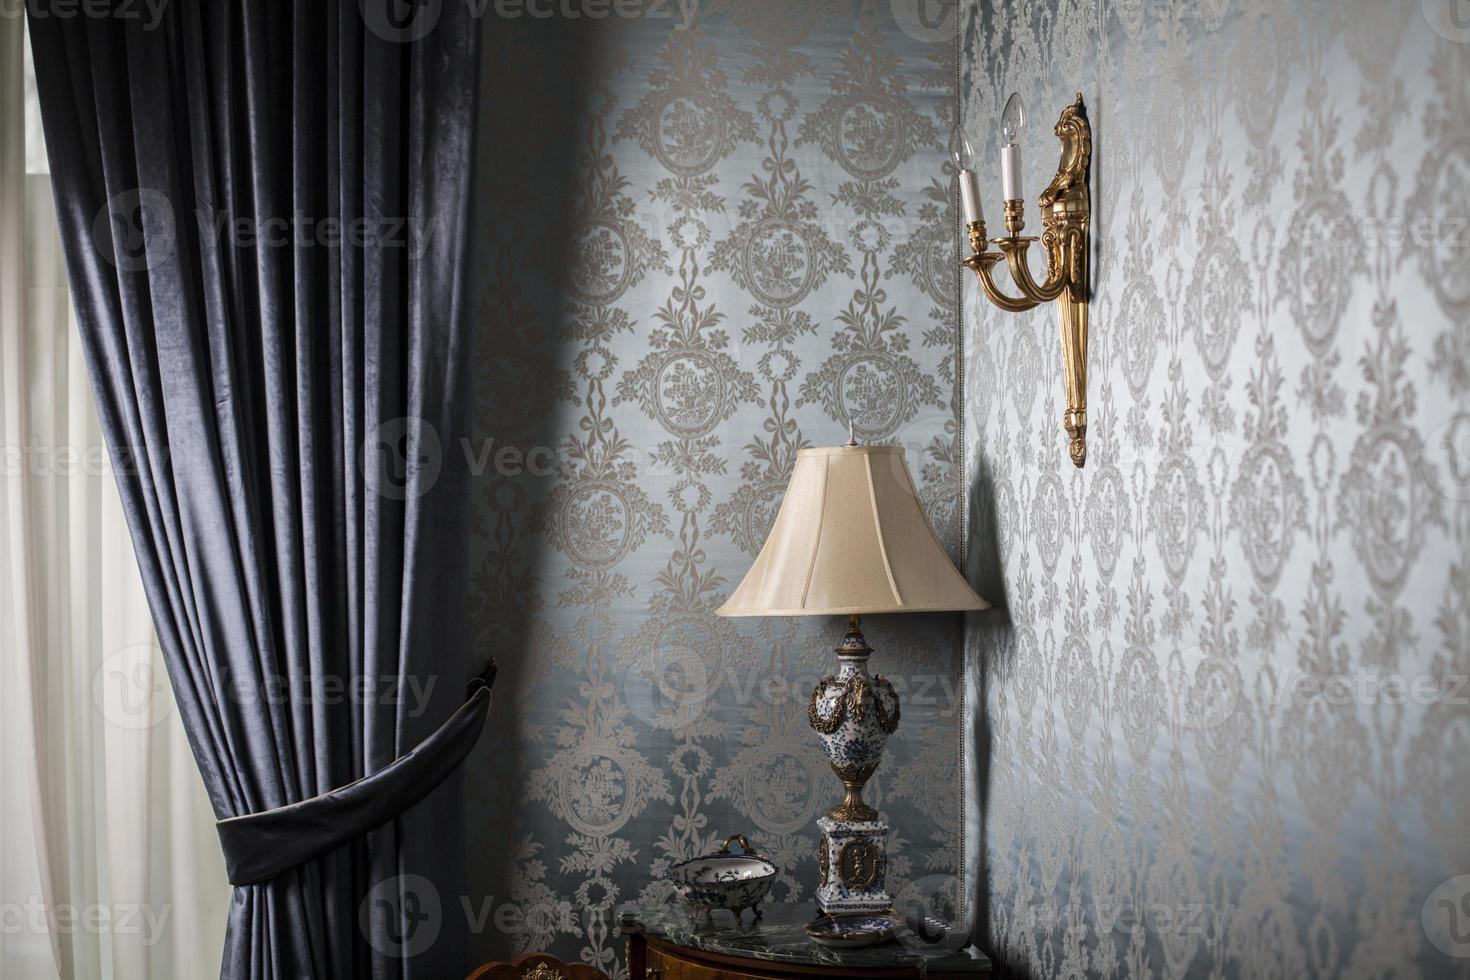 lâmpada velha vintage em uma mesa no canto de uma sala foto